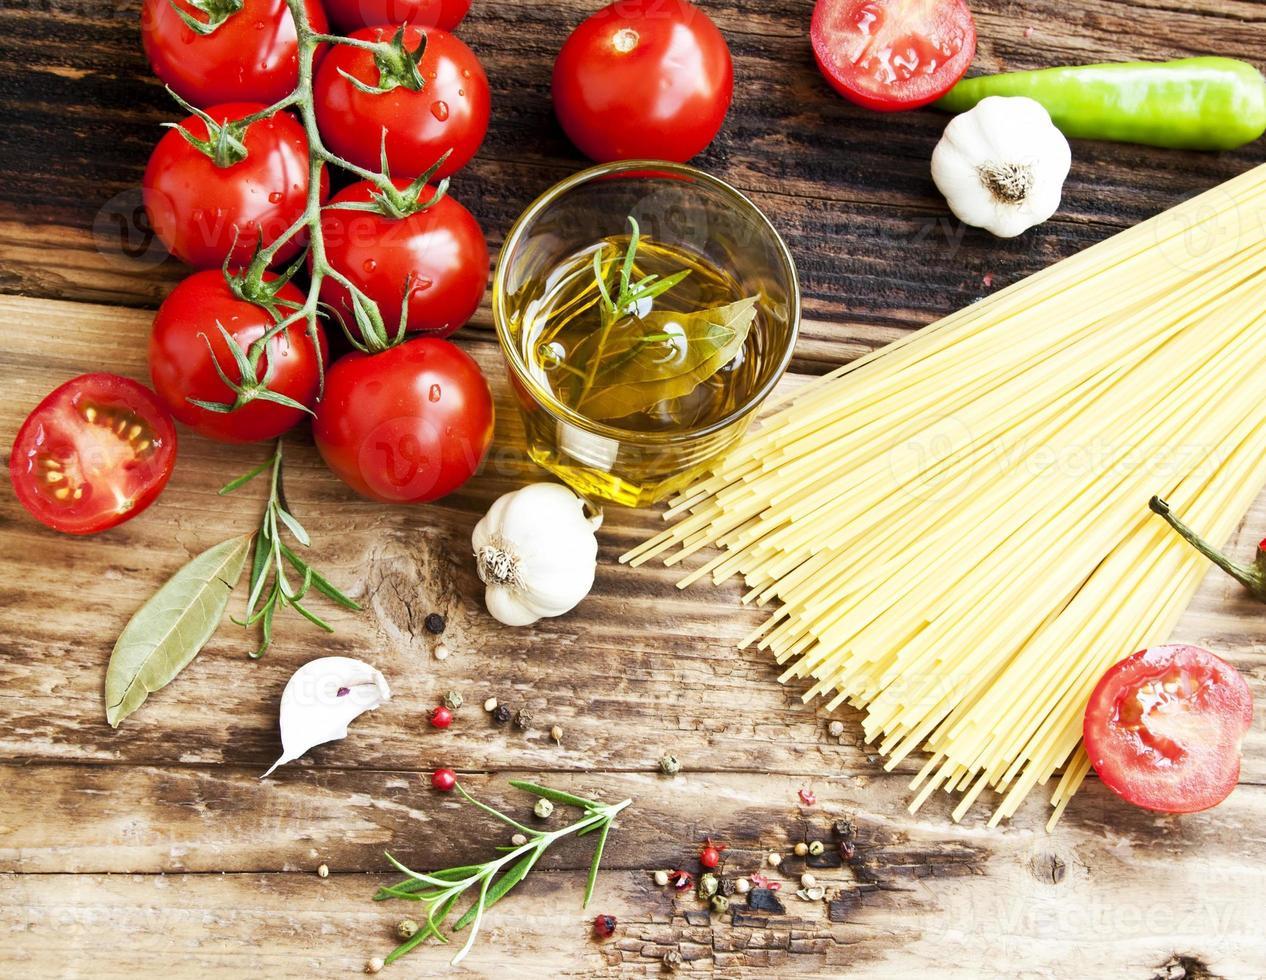 tomates cerises, huile d'olive, pâtes et épices, ingrédients méditerranéens photo